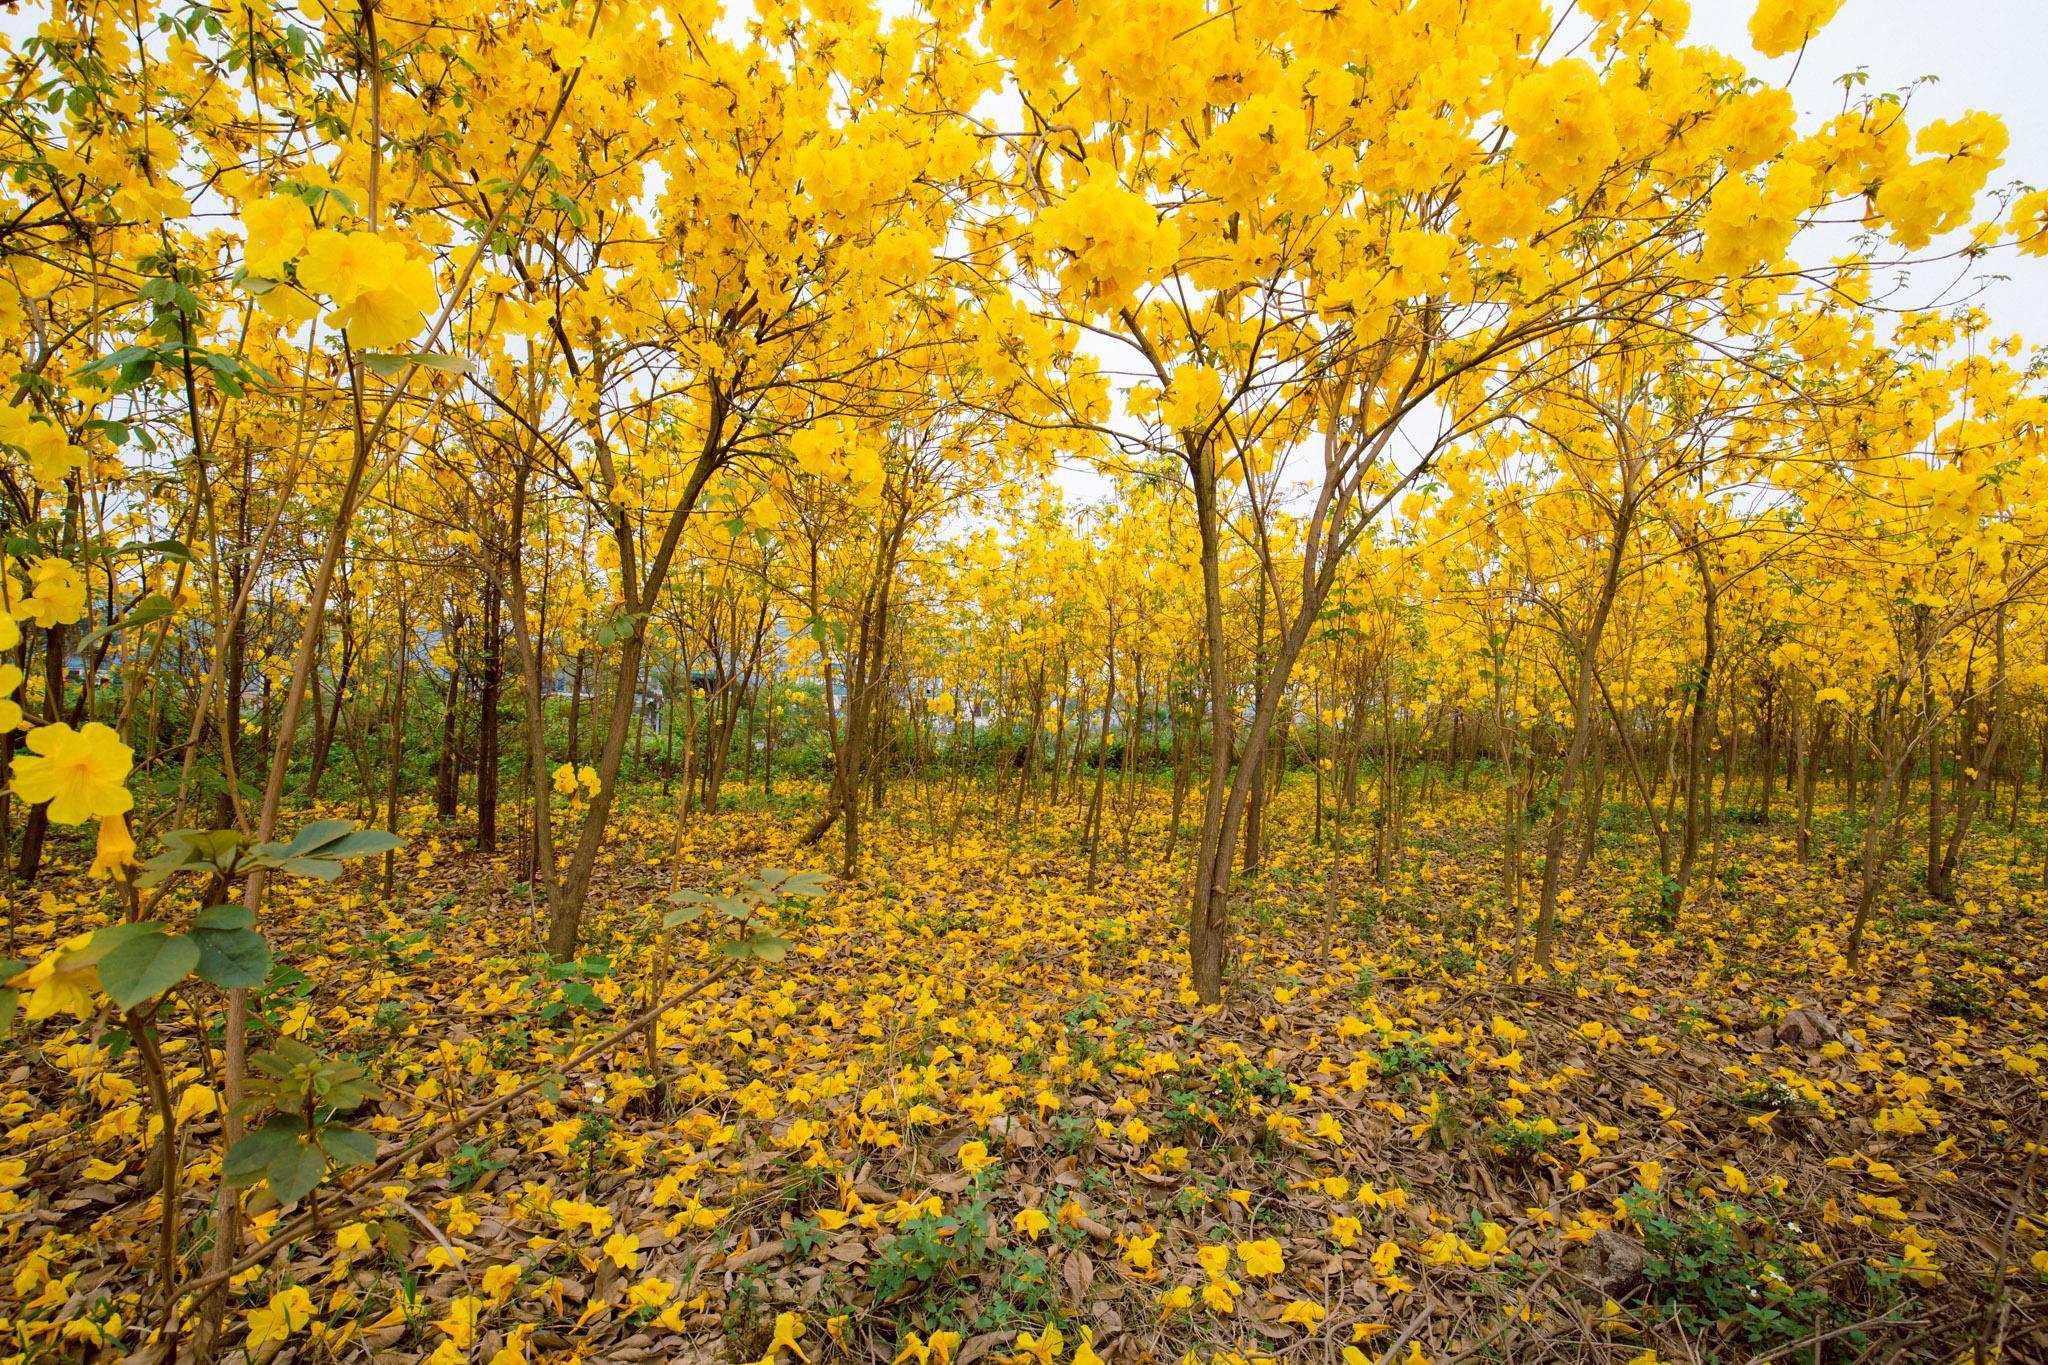 Vườn hoa phong linh nở sắc vàng rực rỡ đẹp tựa trời Âu ở Bắc Giang - Ảnh 2.